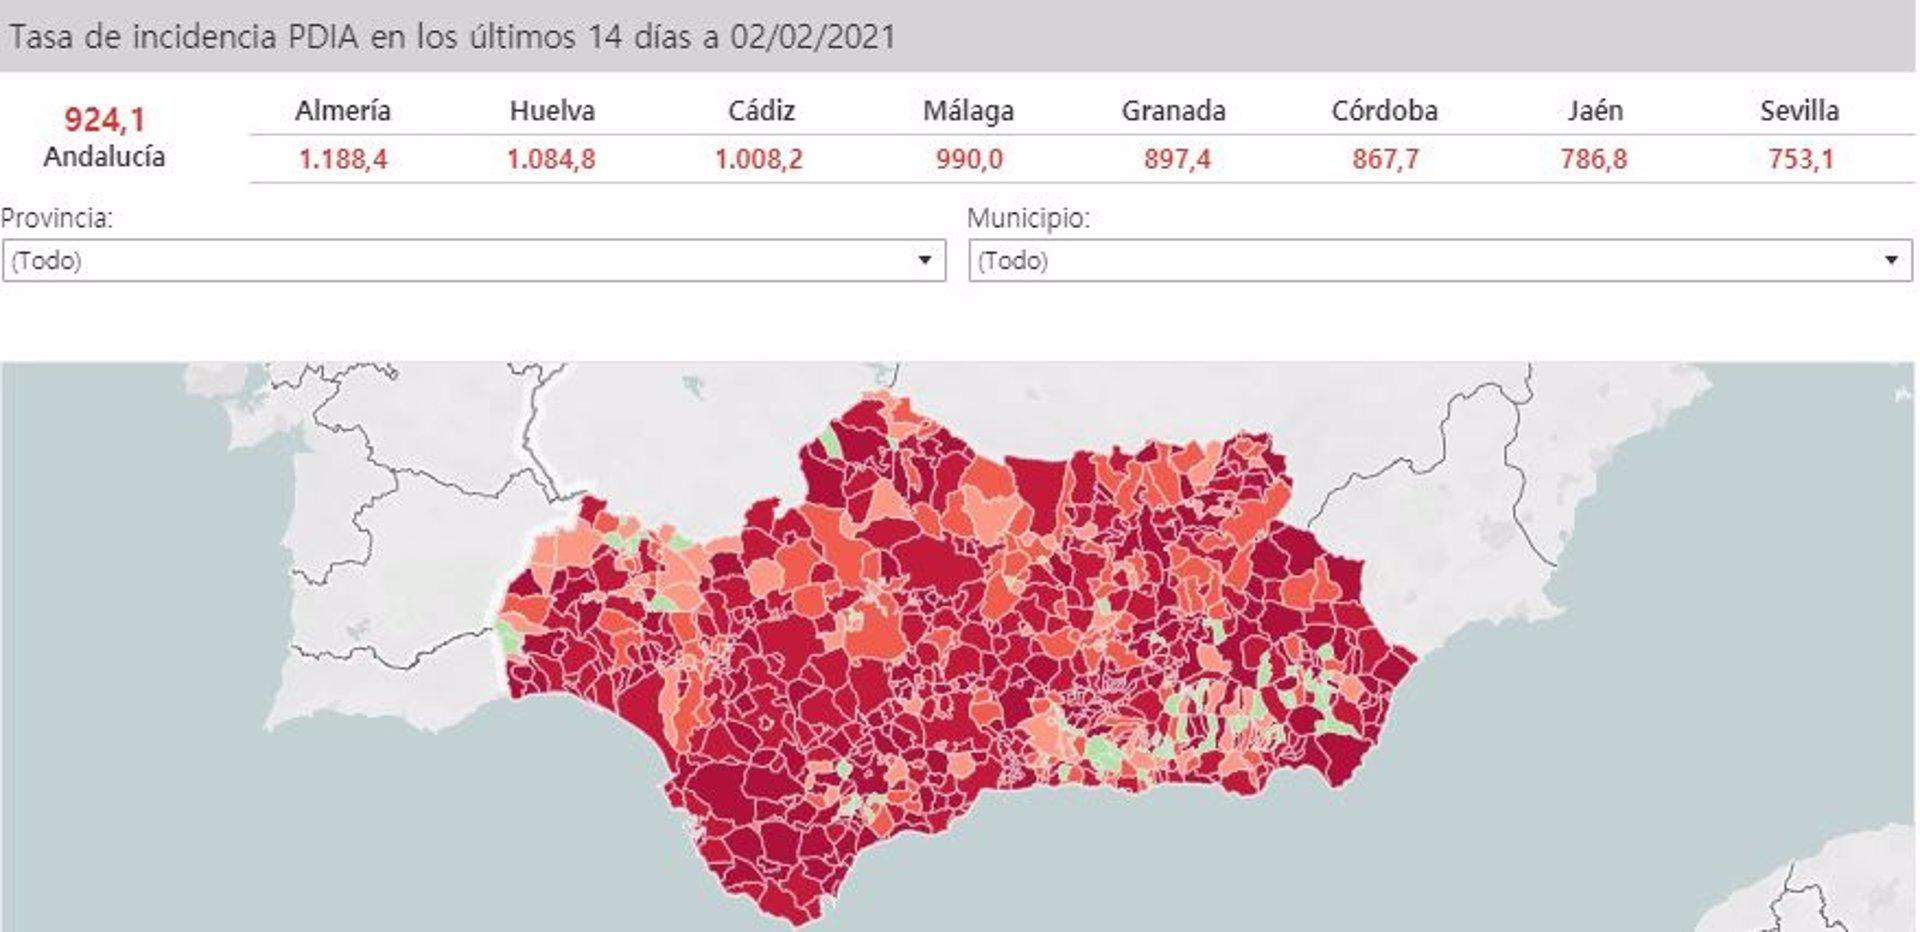 Todas las capitales andaluzas salvo Almería reducen su tasa de incidencia en 24 horas y Málaga baja del millar